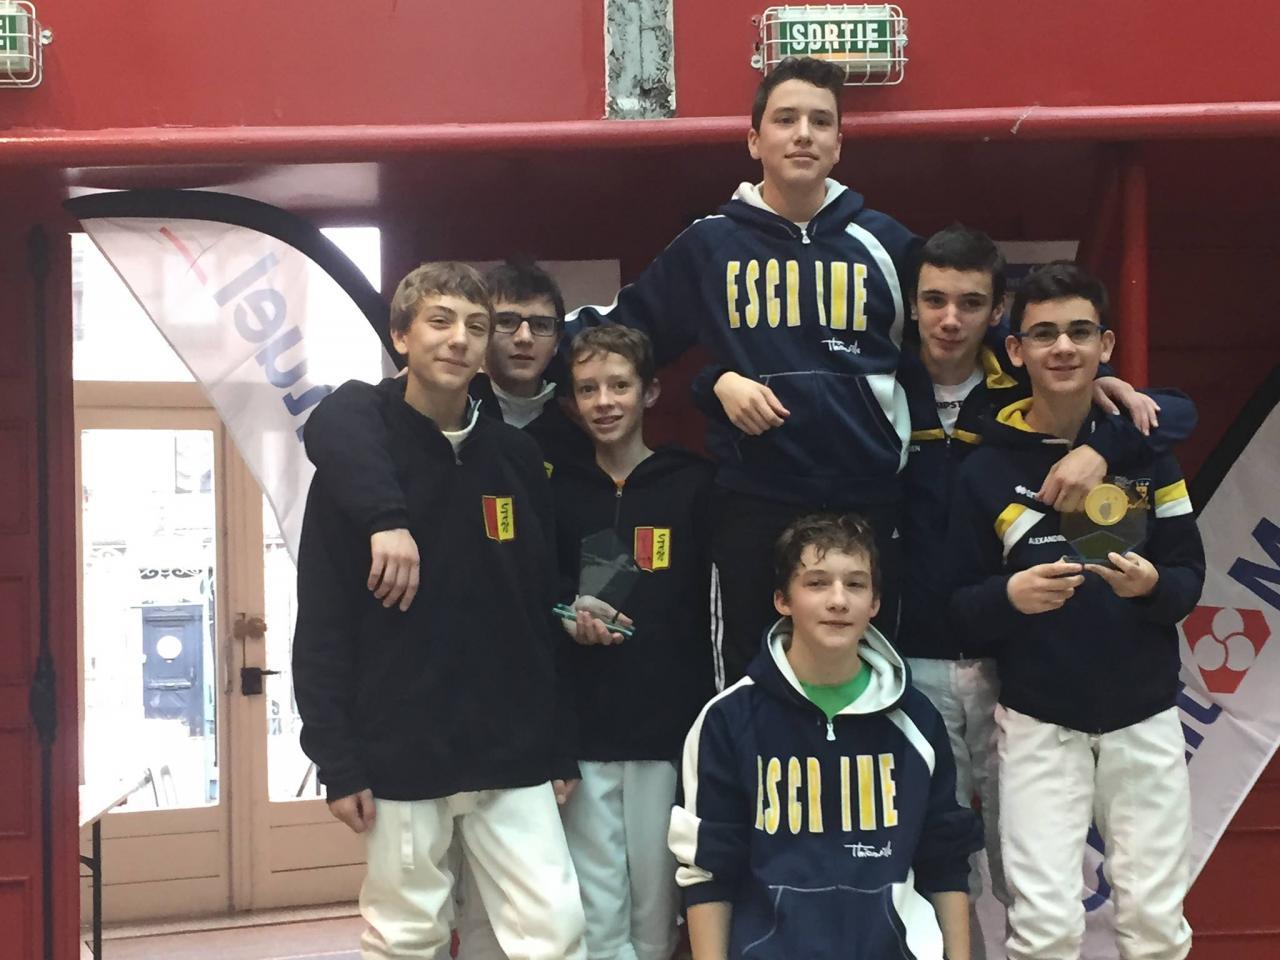 Le podium equipe cadets 2